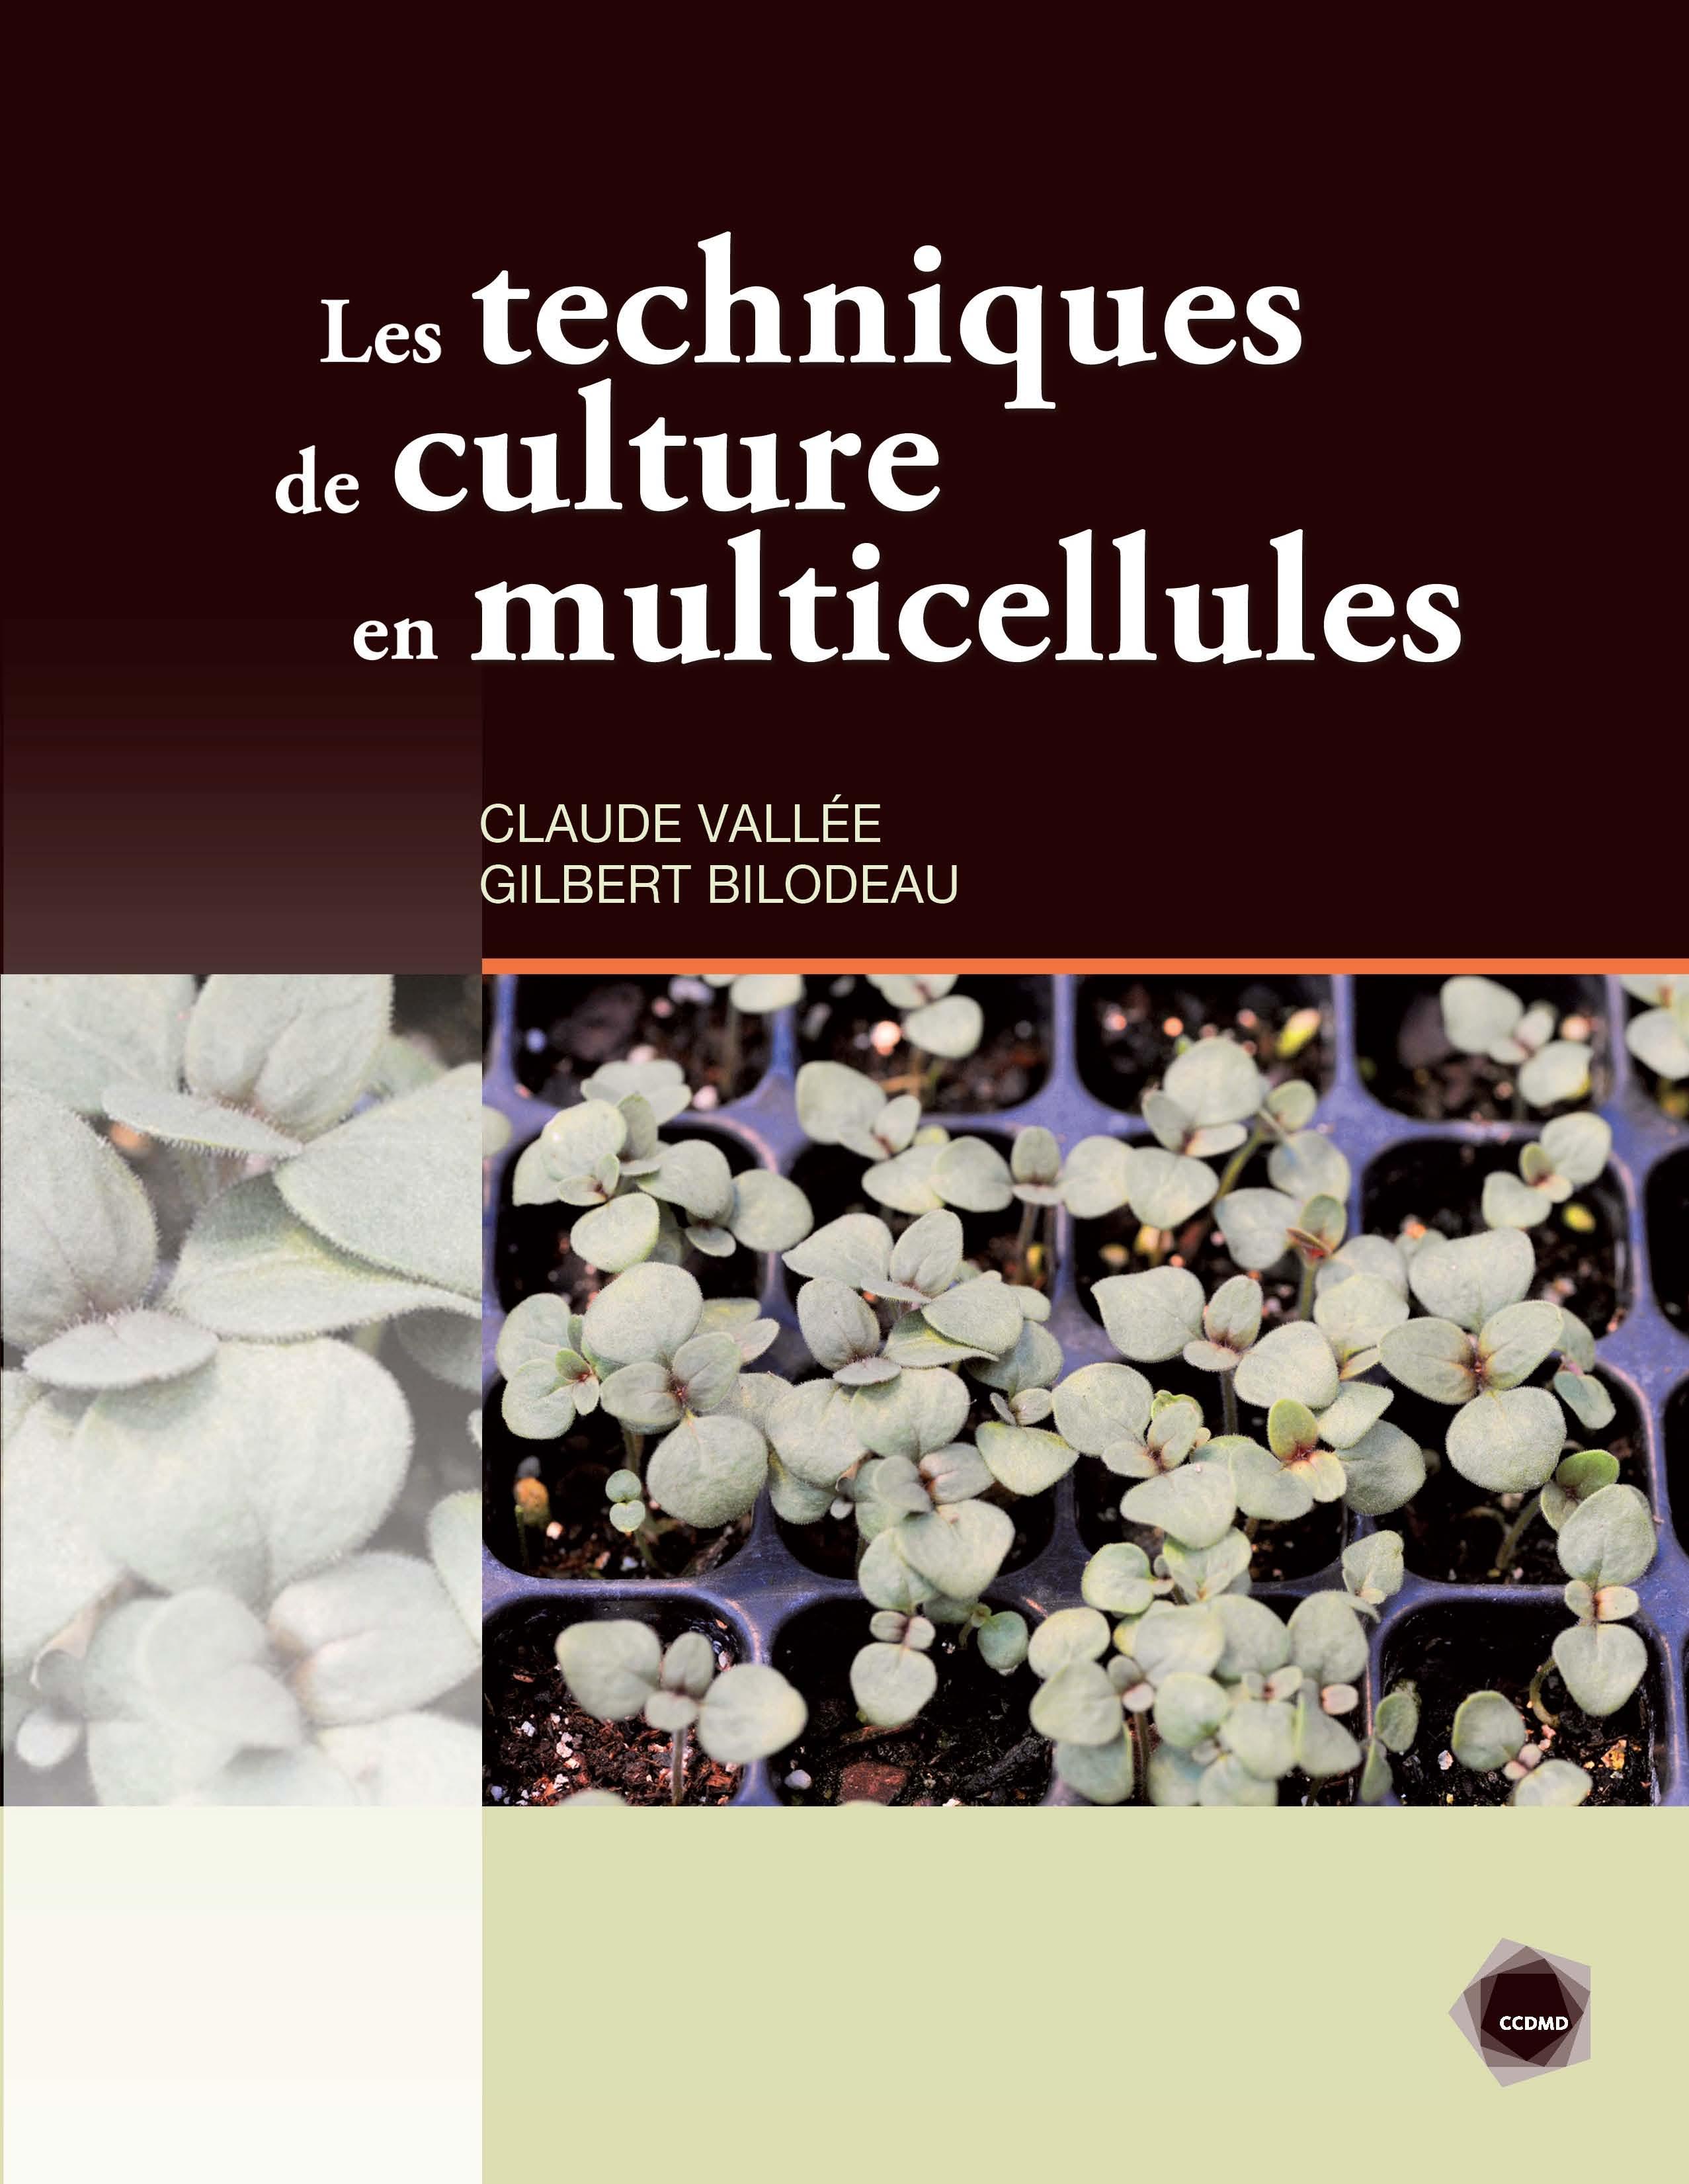 Techniques de culture en multicellules